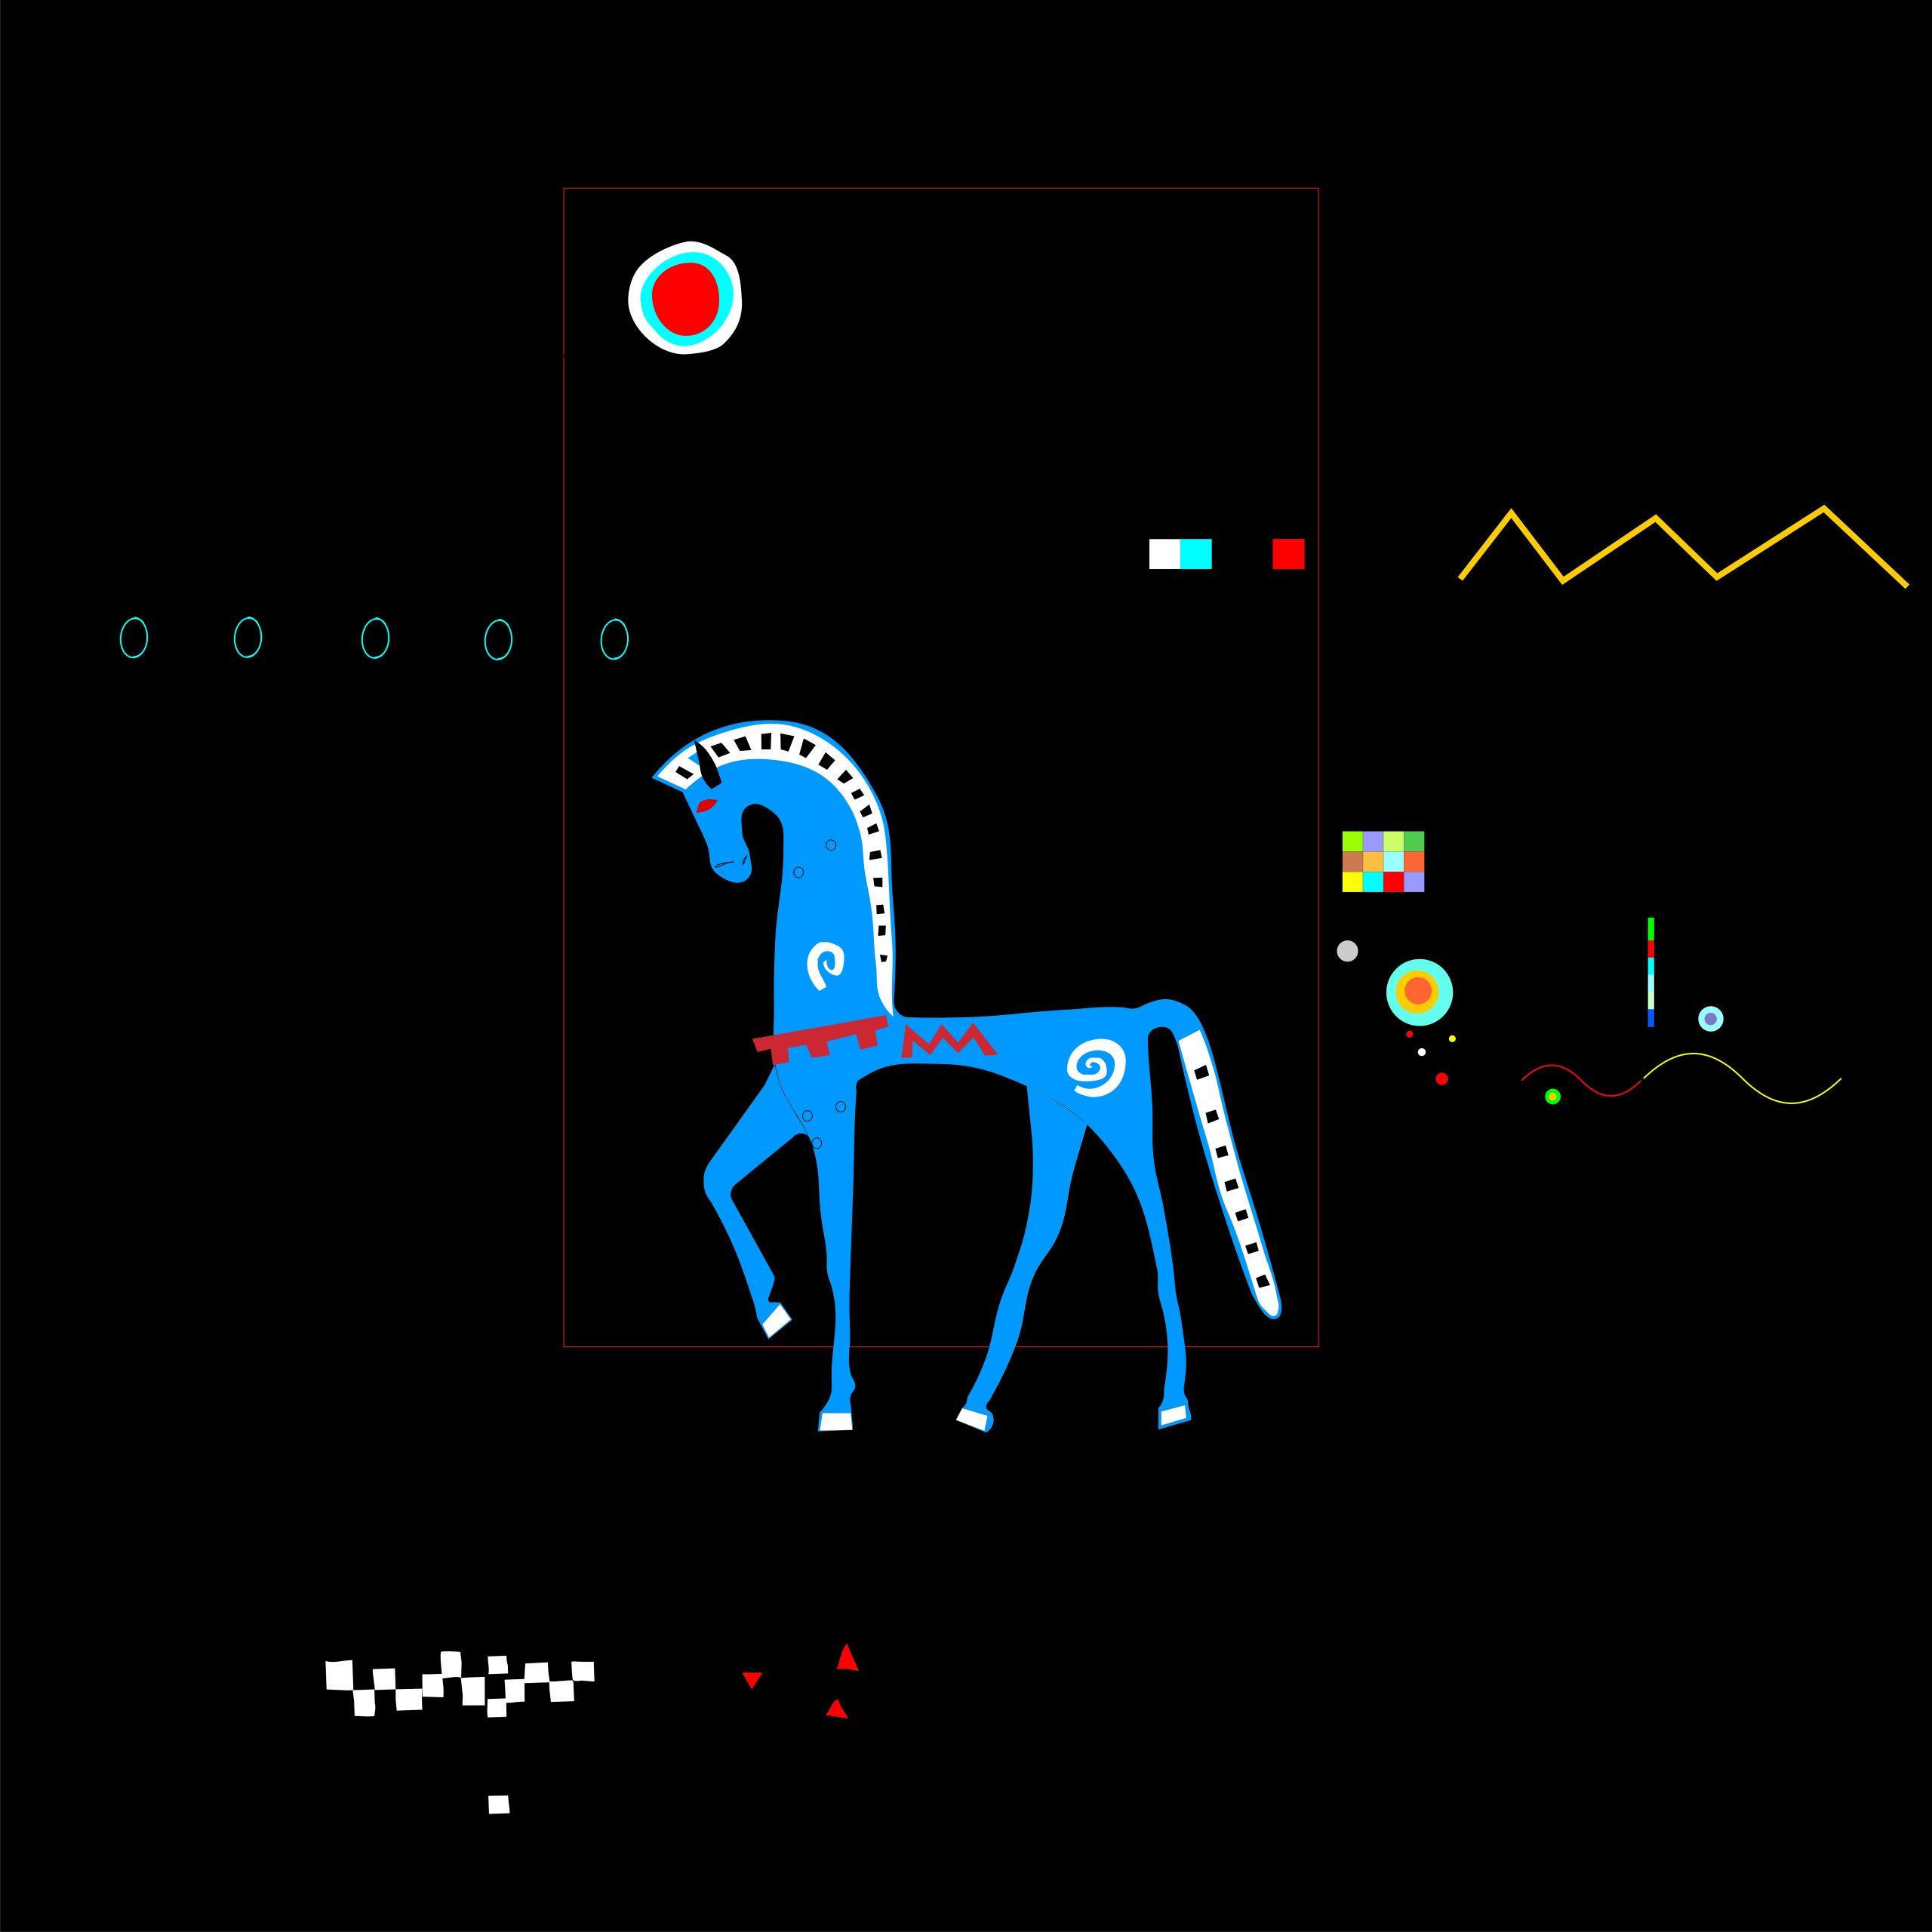 Cavall negre, una de las ilustraciones de sus desplegables.